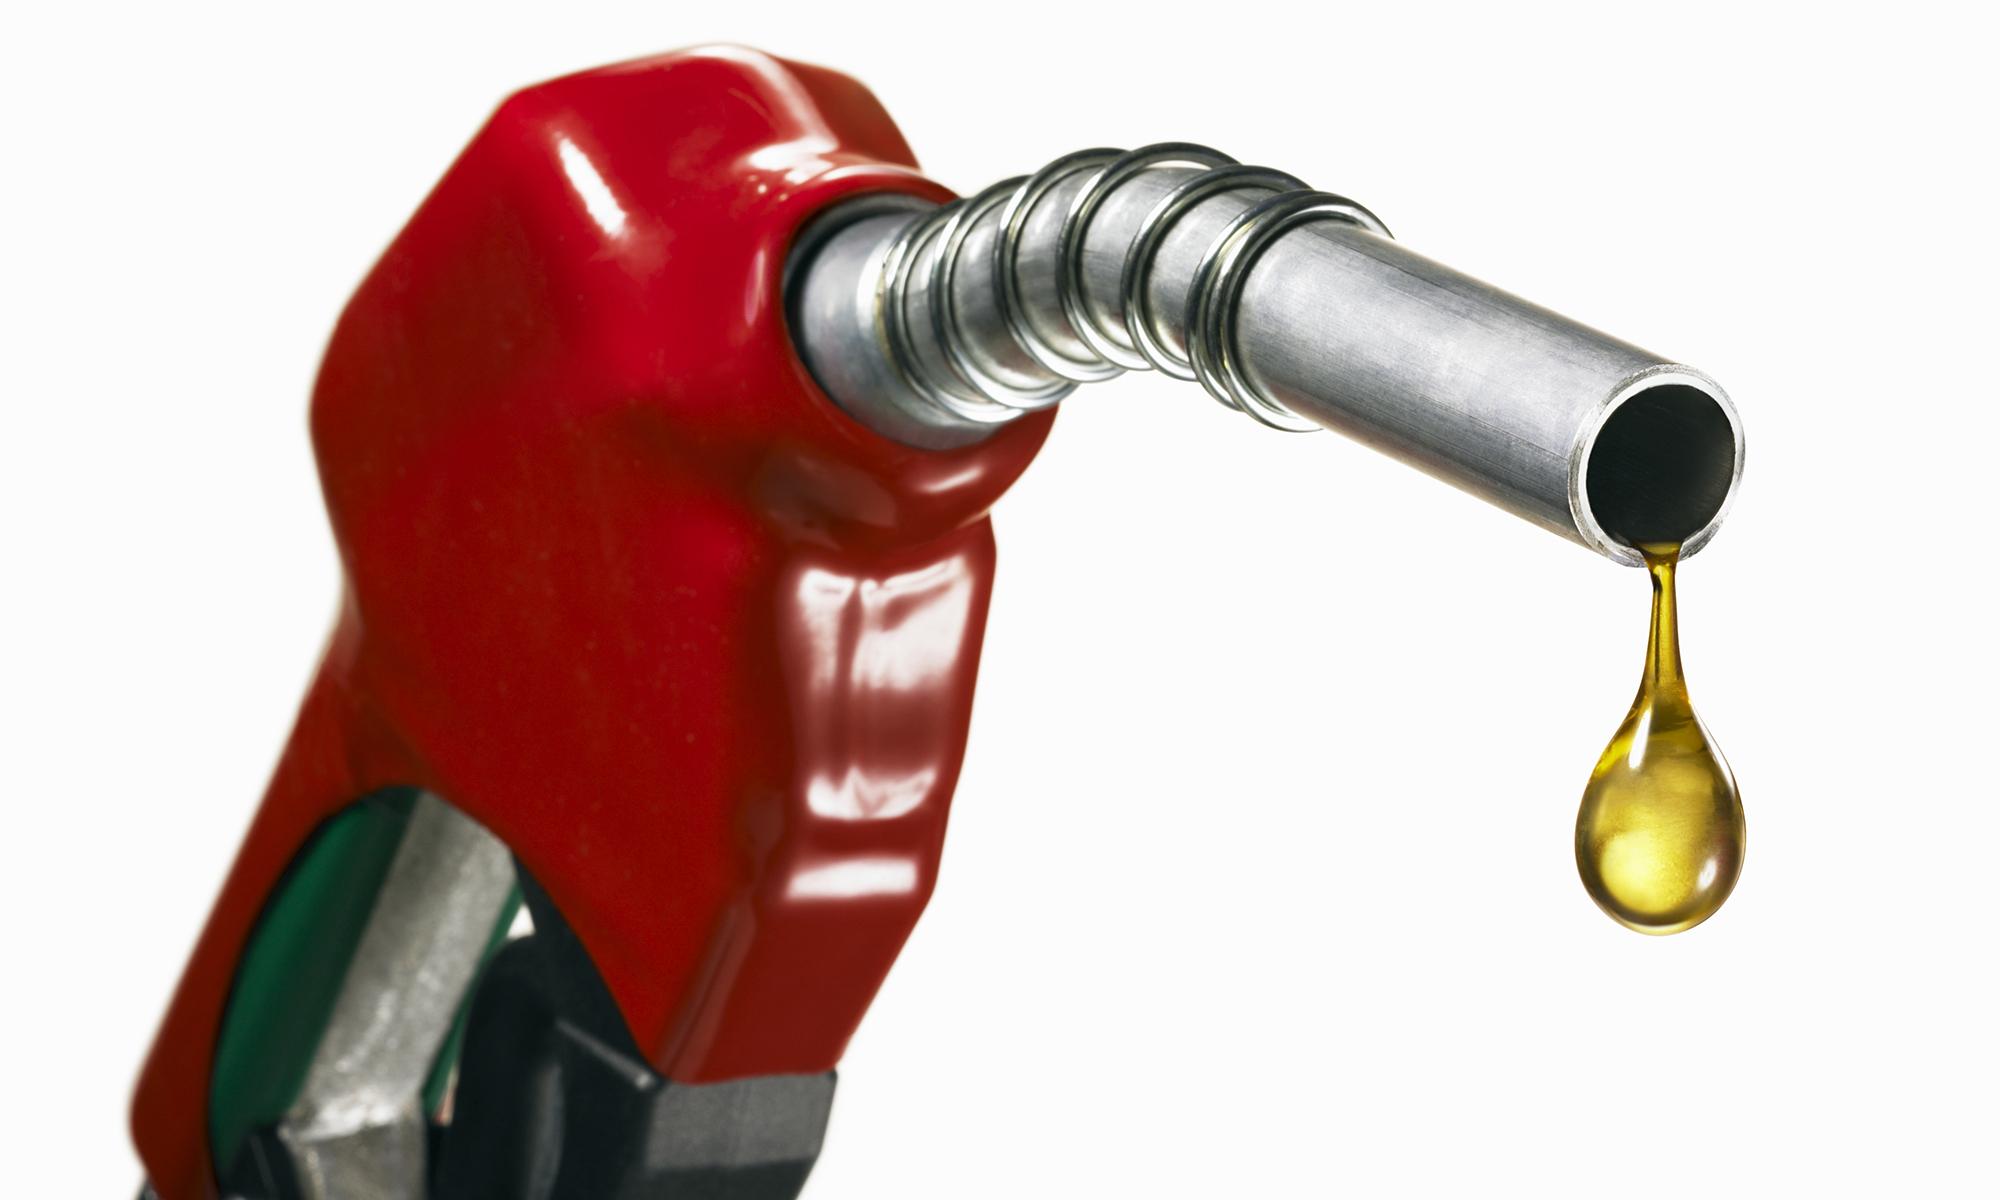 Русская нефтяная компания выпустила первую партию бензина АИ-100